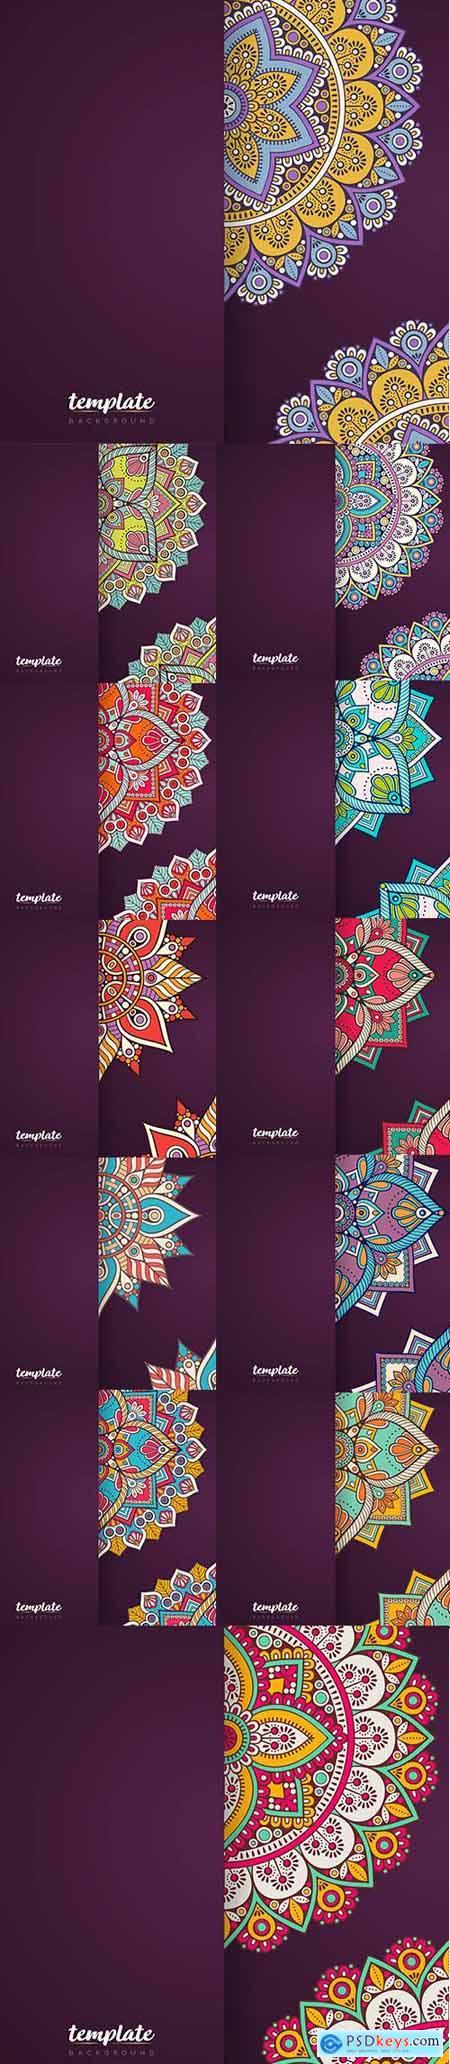 Creative Luxury Mandala Background Set